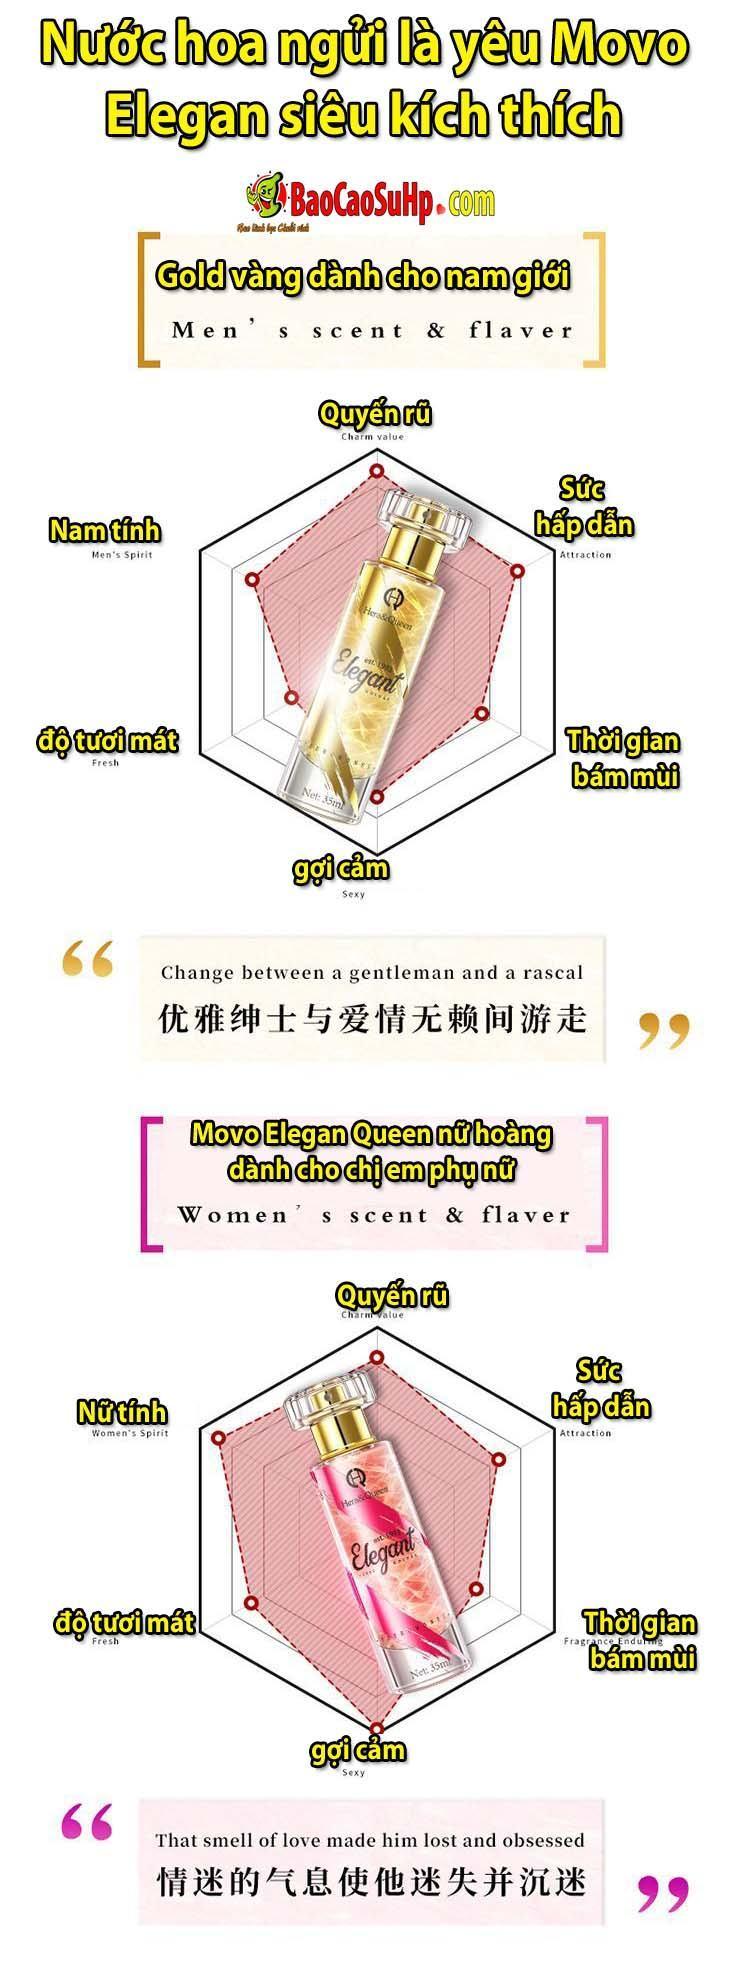 20200521094251 9961570 nuoc hoa tinh yeu movo elegant 5 2 - Nước hoa ngửi là yêu Movo Elegan siêu kích thích